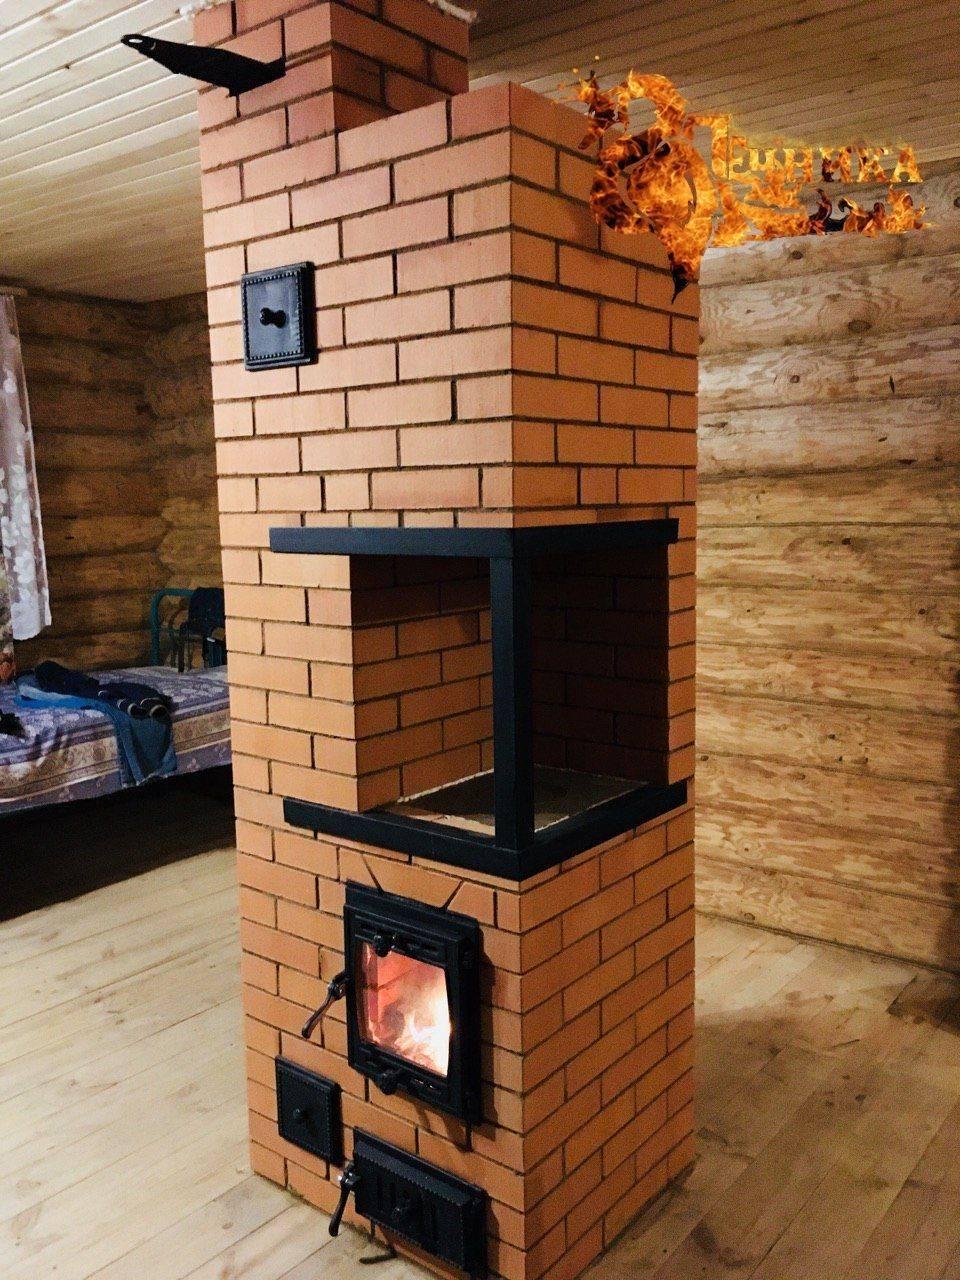 Кирпичная печь для дачи своими руками 38 фото видео-инструкция по монтажу, особенности простых, небольших печек, фото